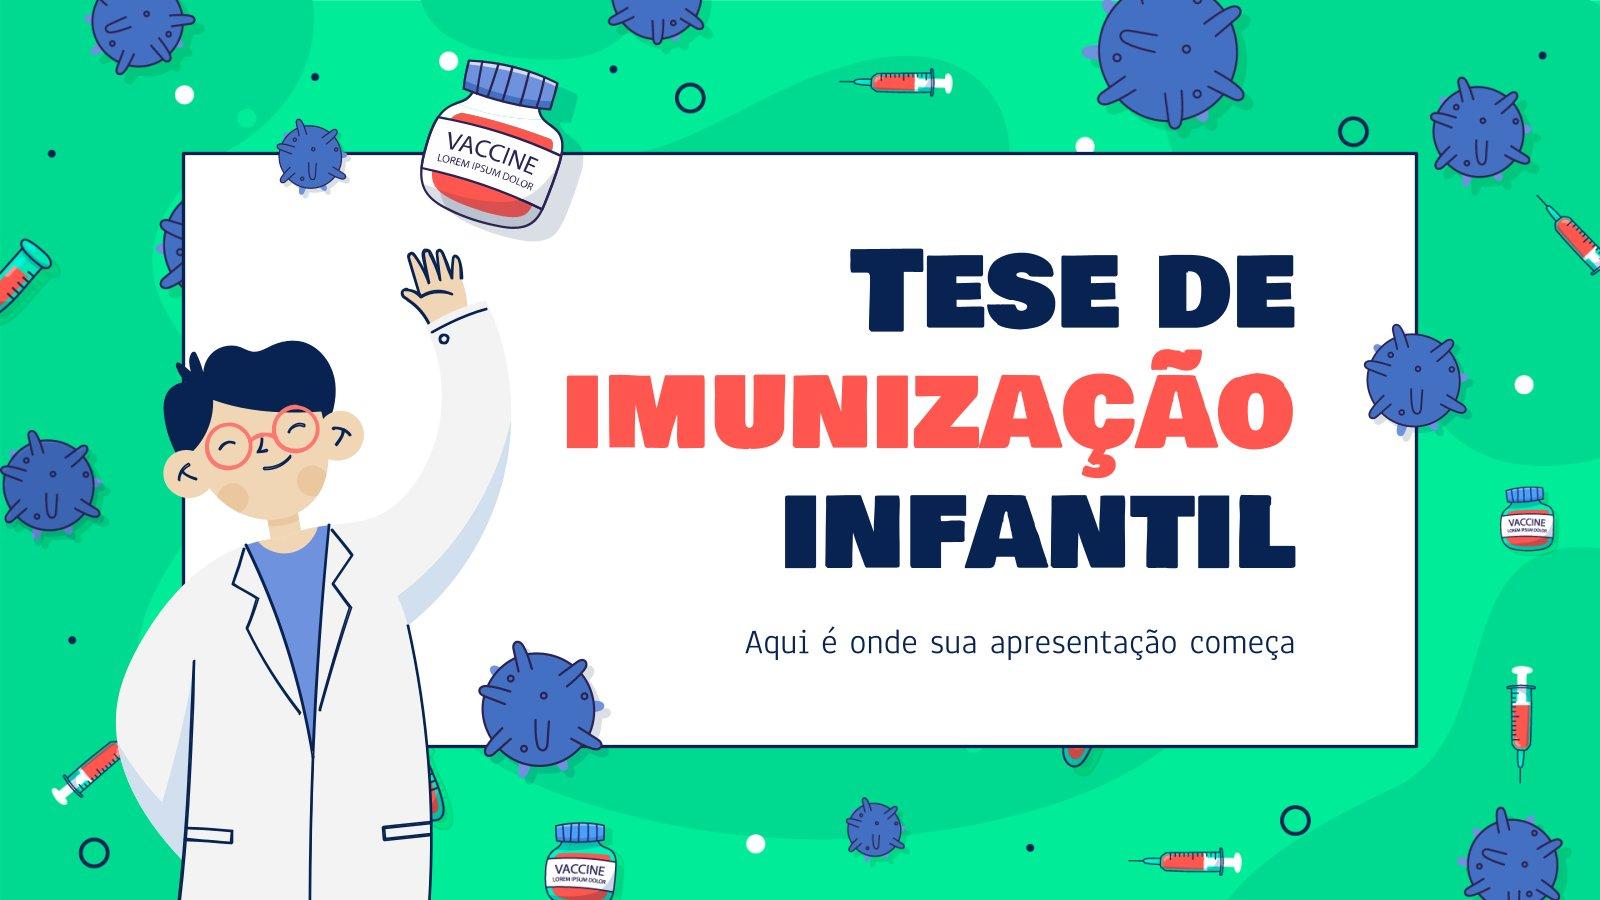 Tese de Imunização Infantil presentation template